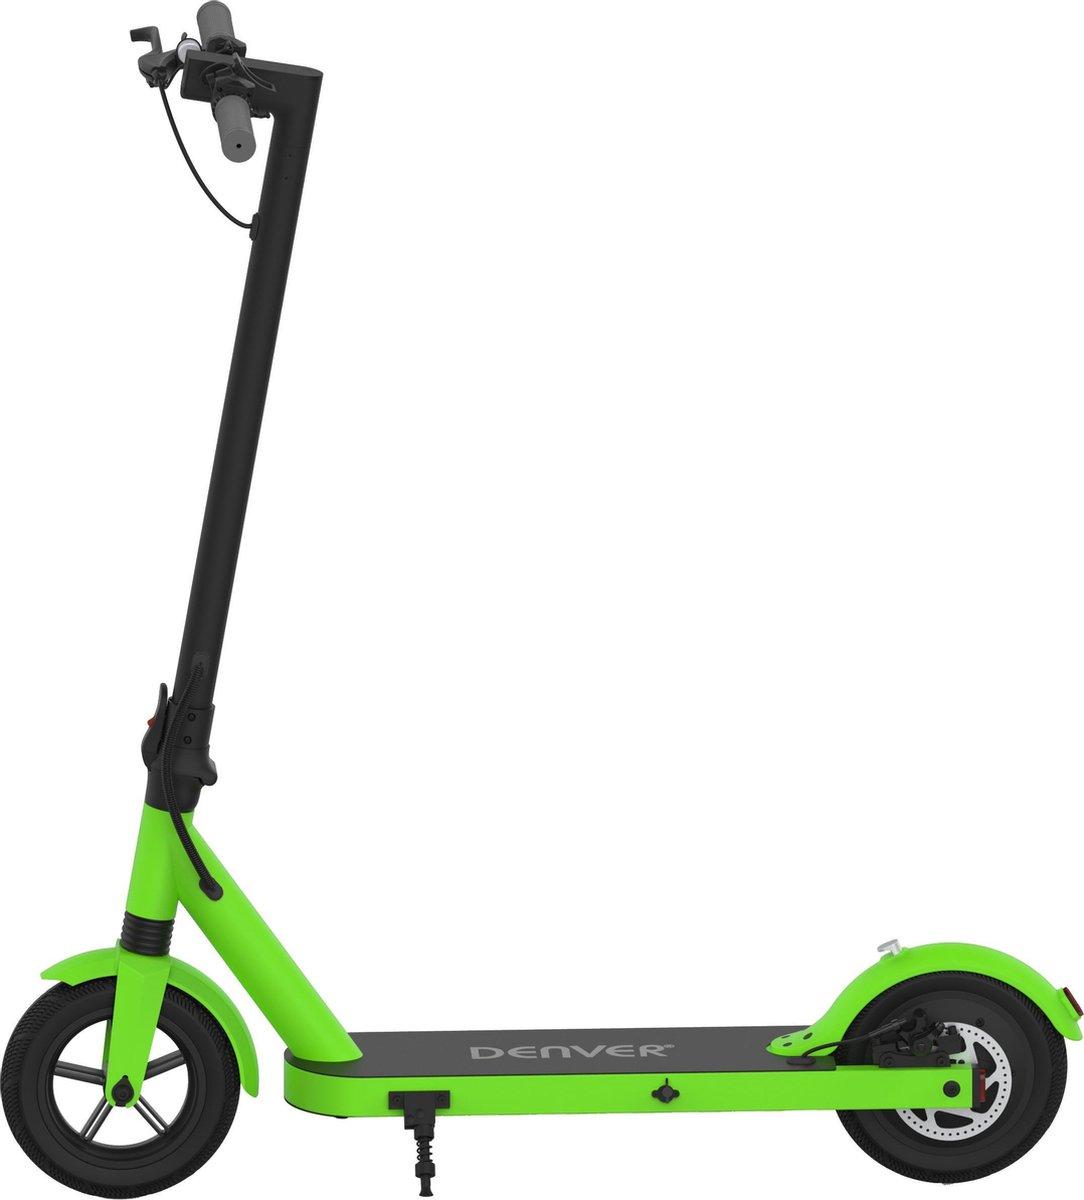 """Denver SEL-85350F Elektrische step voor kinderen & volwassenen 8.5"""""""" Wielen 25 km/u E-Step met aluminium frame actieradius 18KM Inklapbaar Met LED verlichting voor & achter E-Scooter Groen online kopen"""